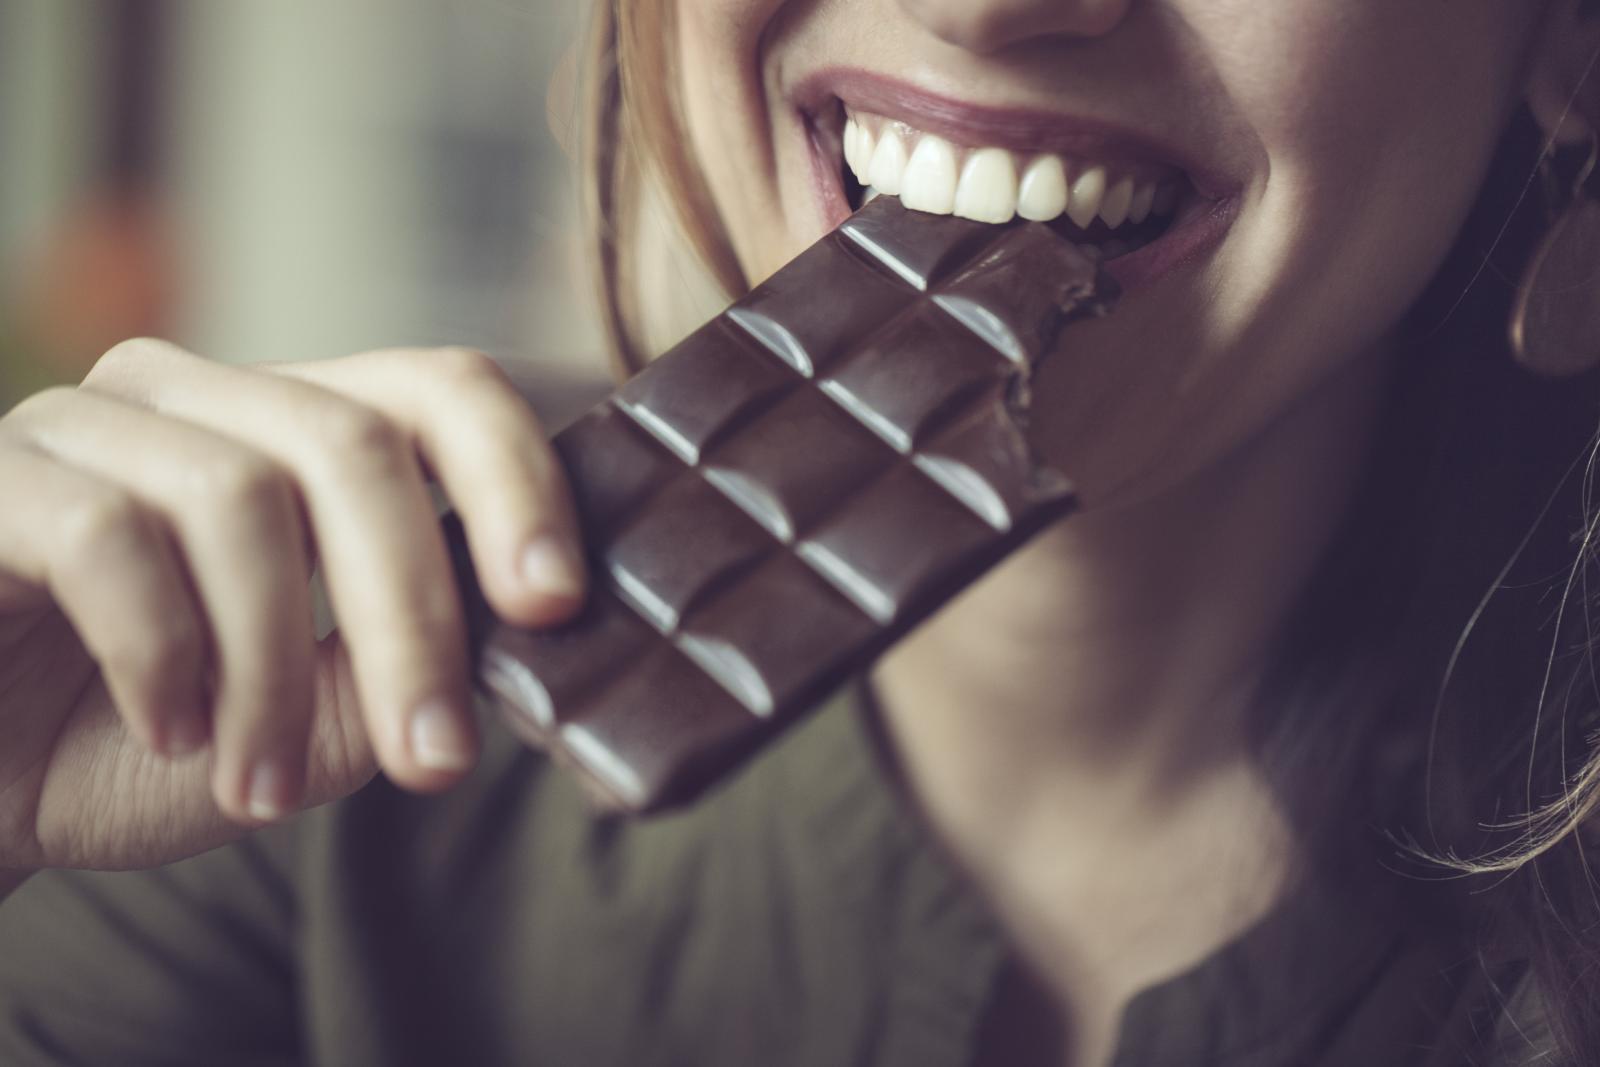 Sjajne vjesti za sve čokoljupce koji svoj omiljeni slatki zalogaj traže u kasne noćne sate.